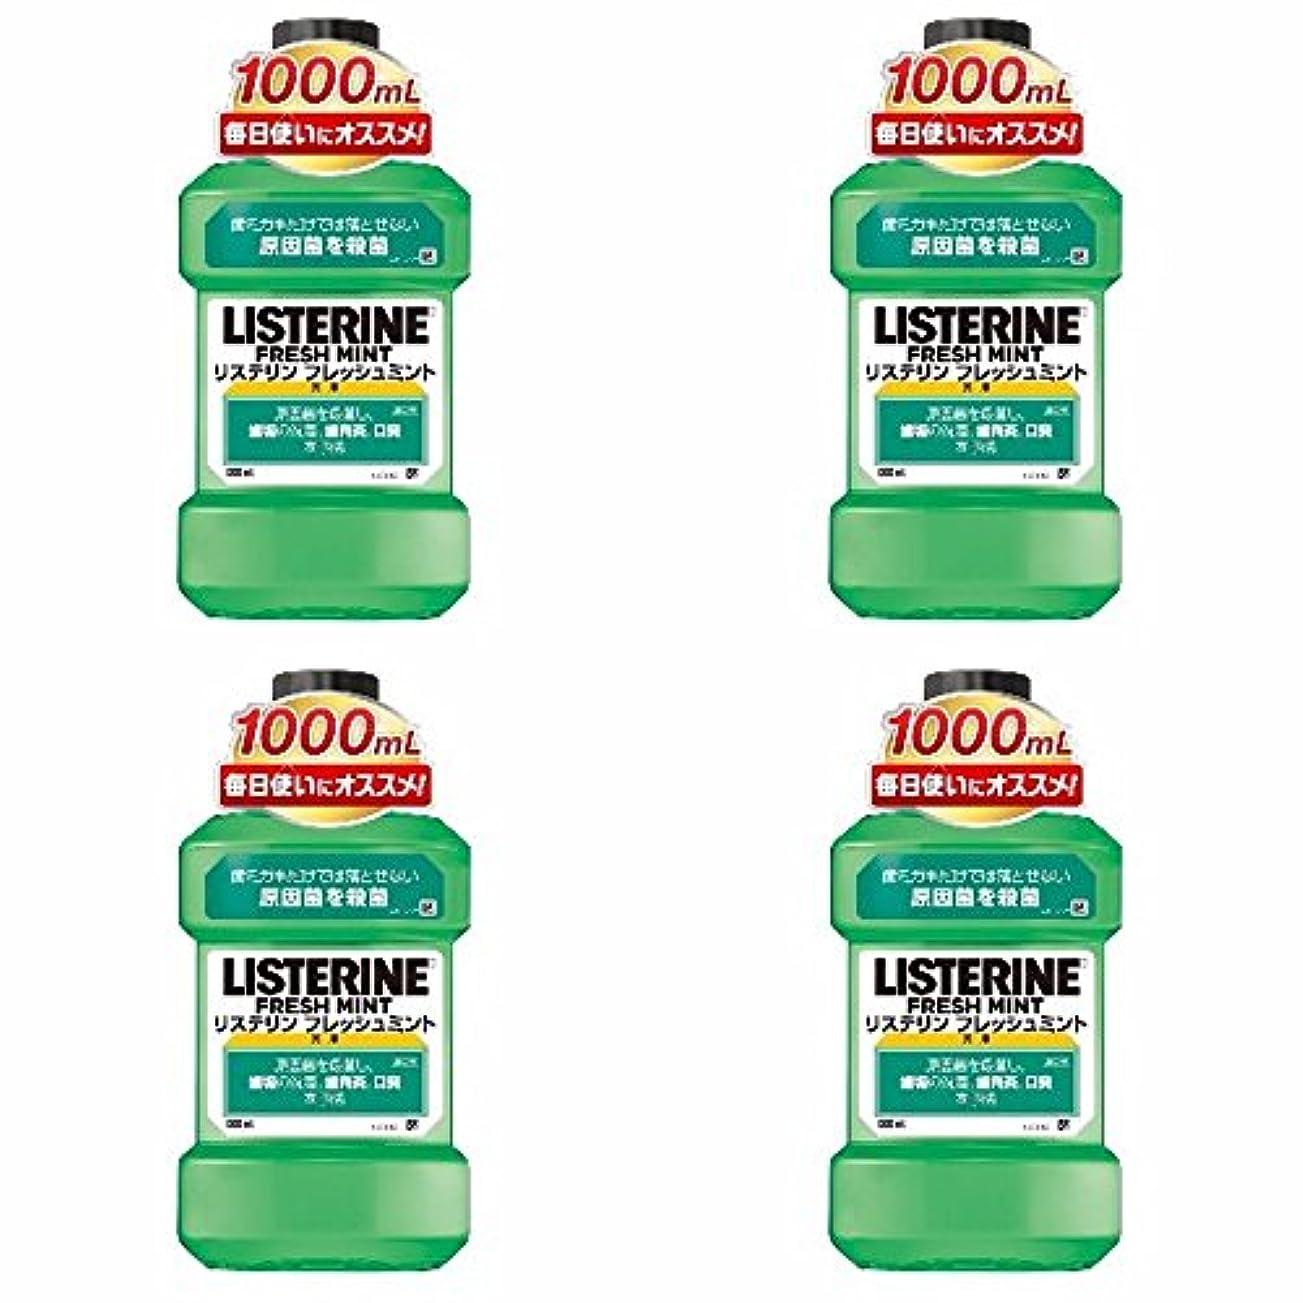 足遺跡調整【まとめ買い】薬用 LISTERINE リステリン フレッシュミント 1000ml×4個